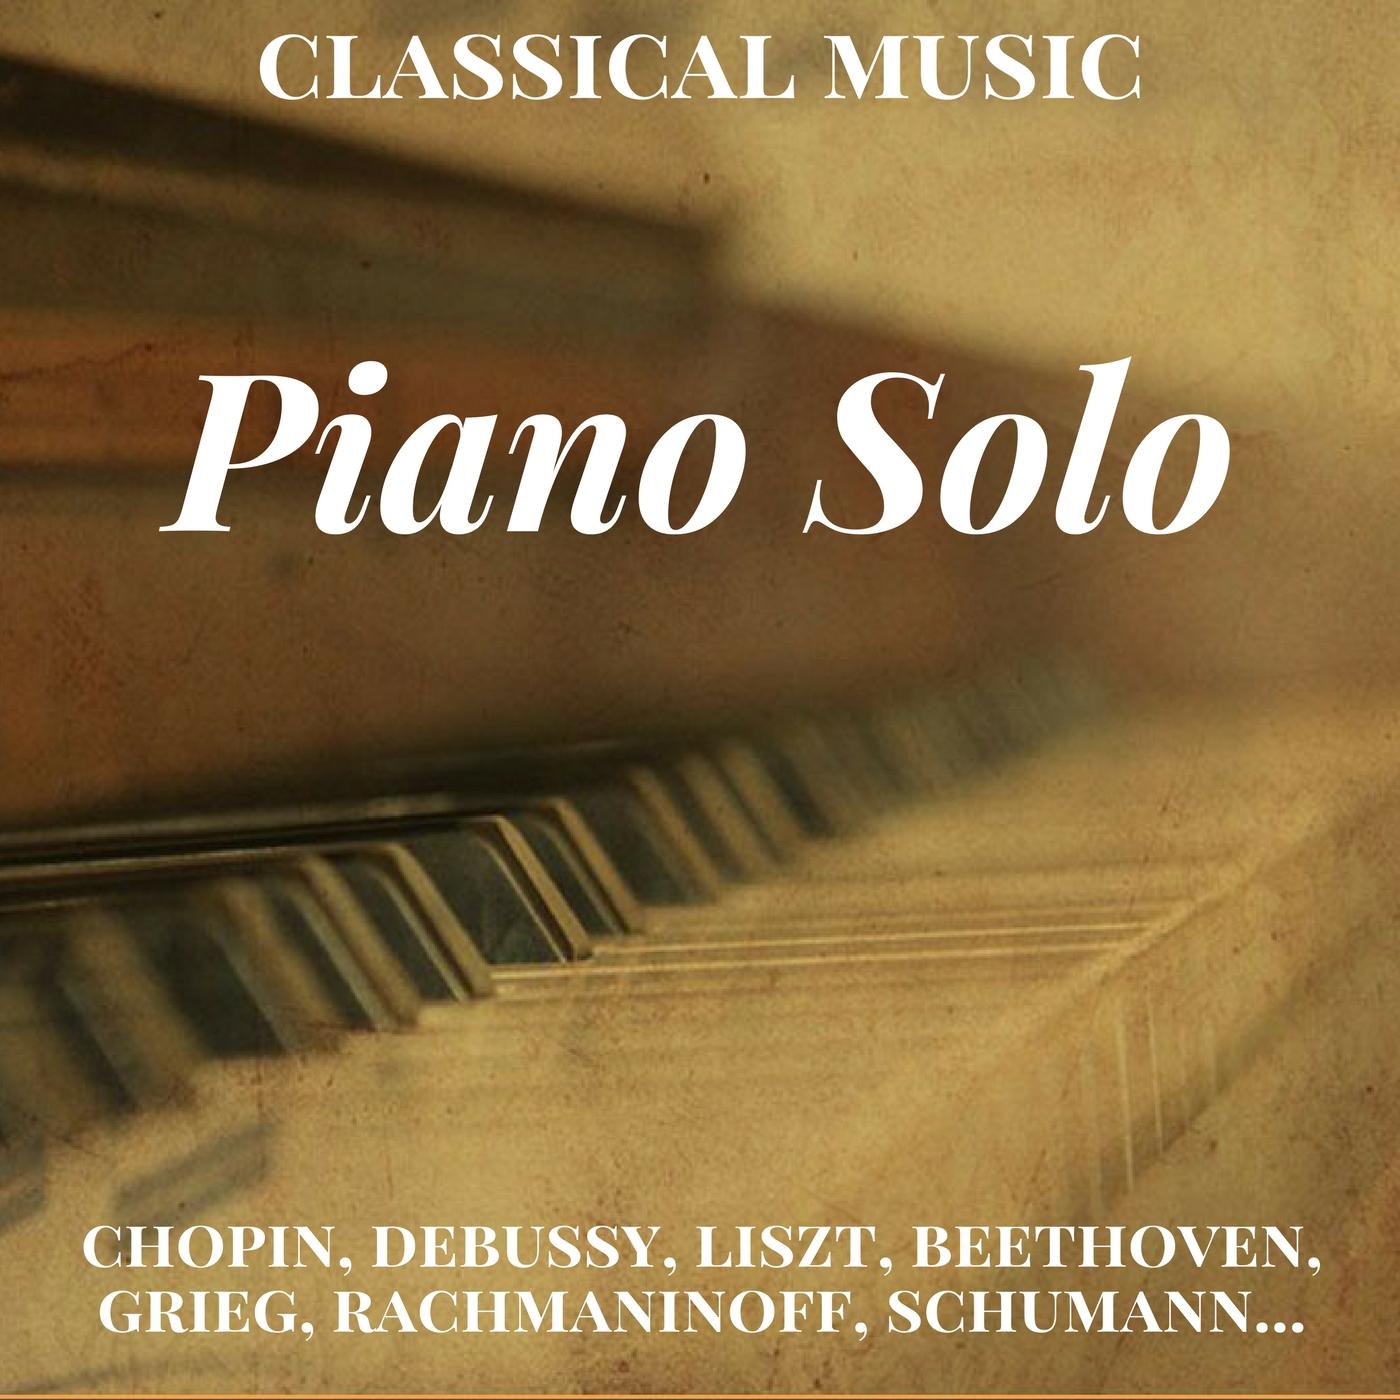 Classical Music - Piano Solo